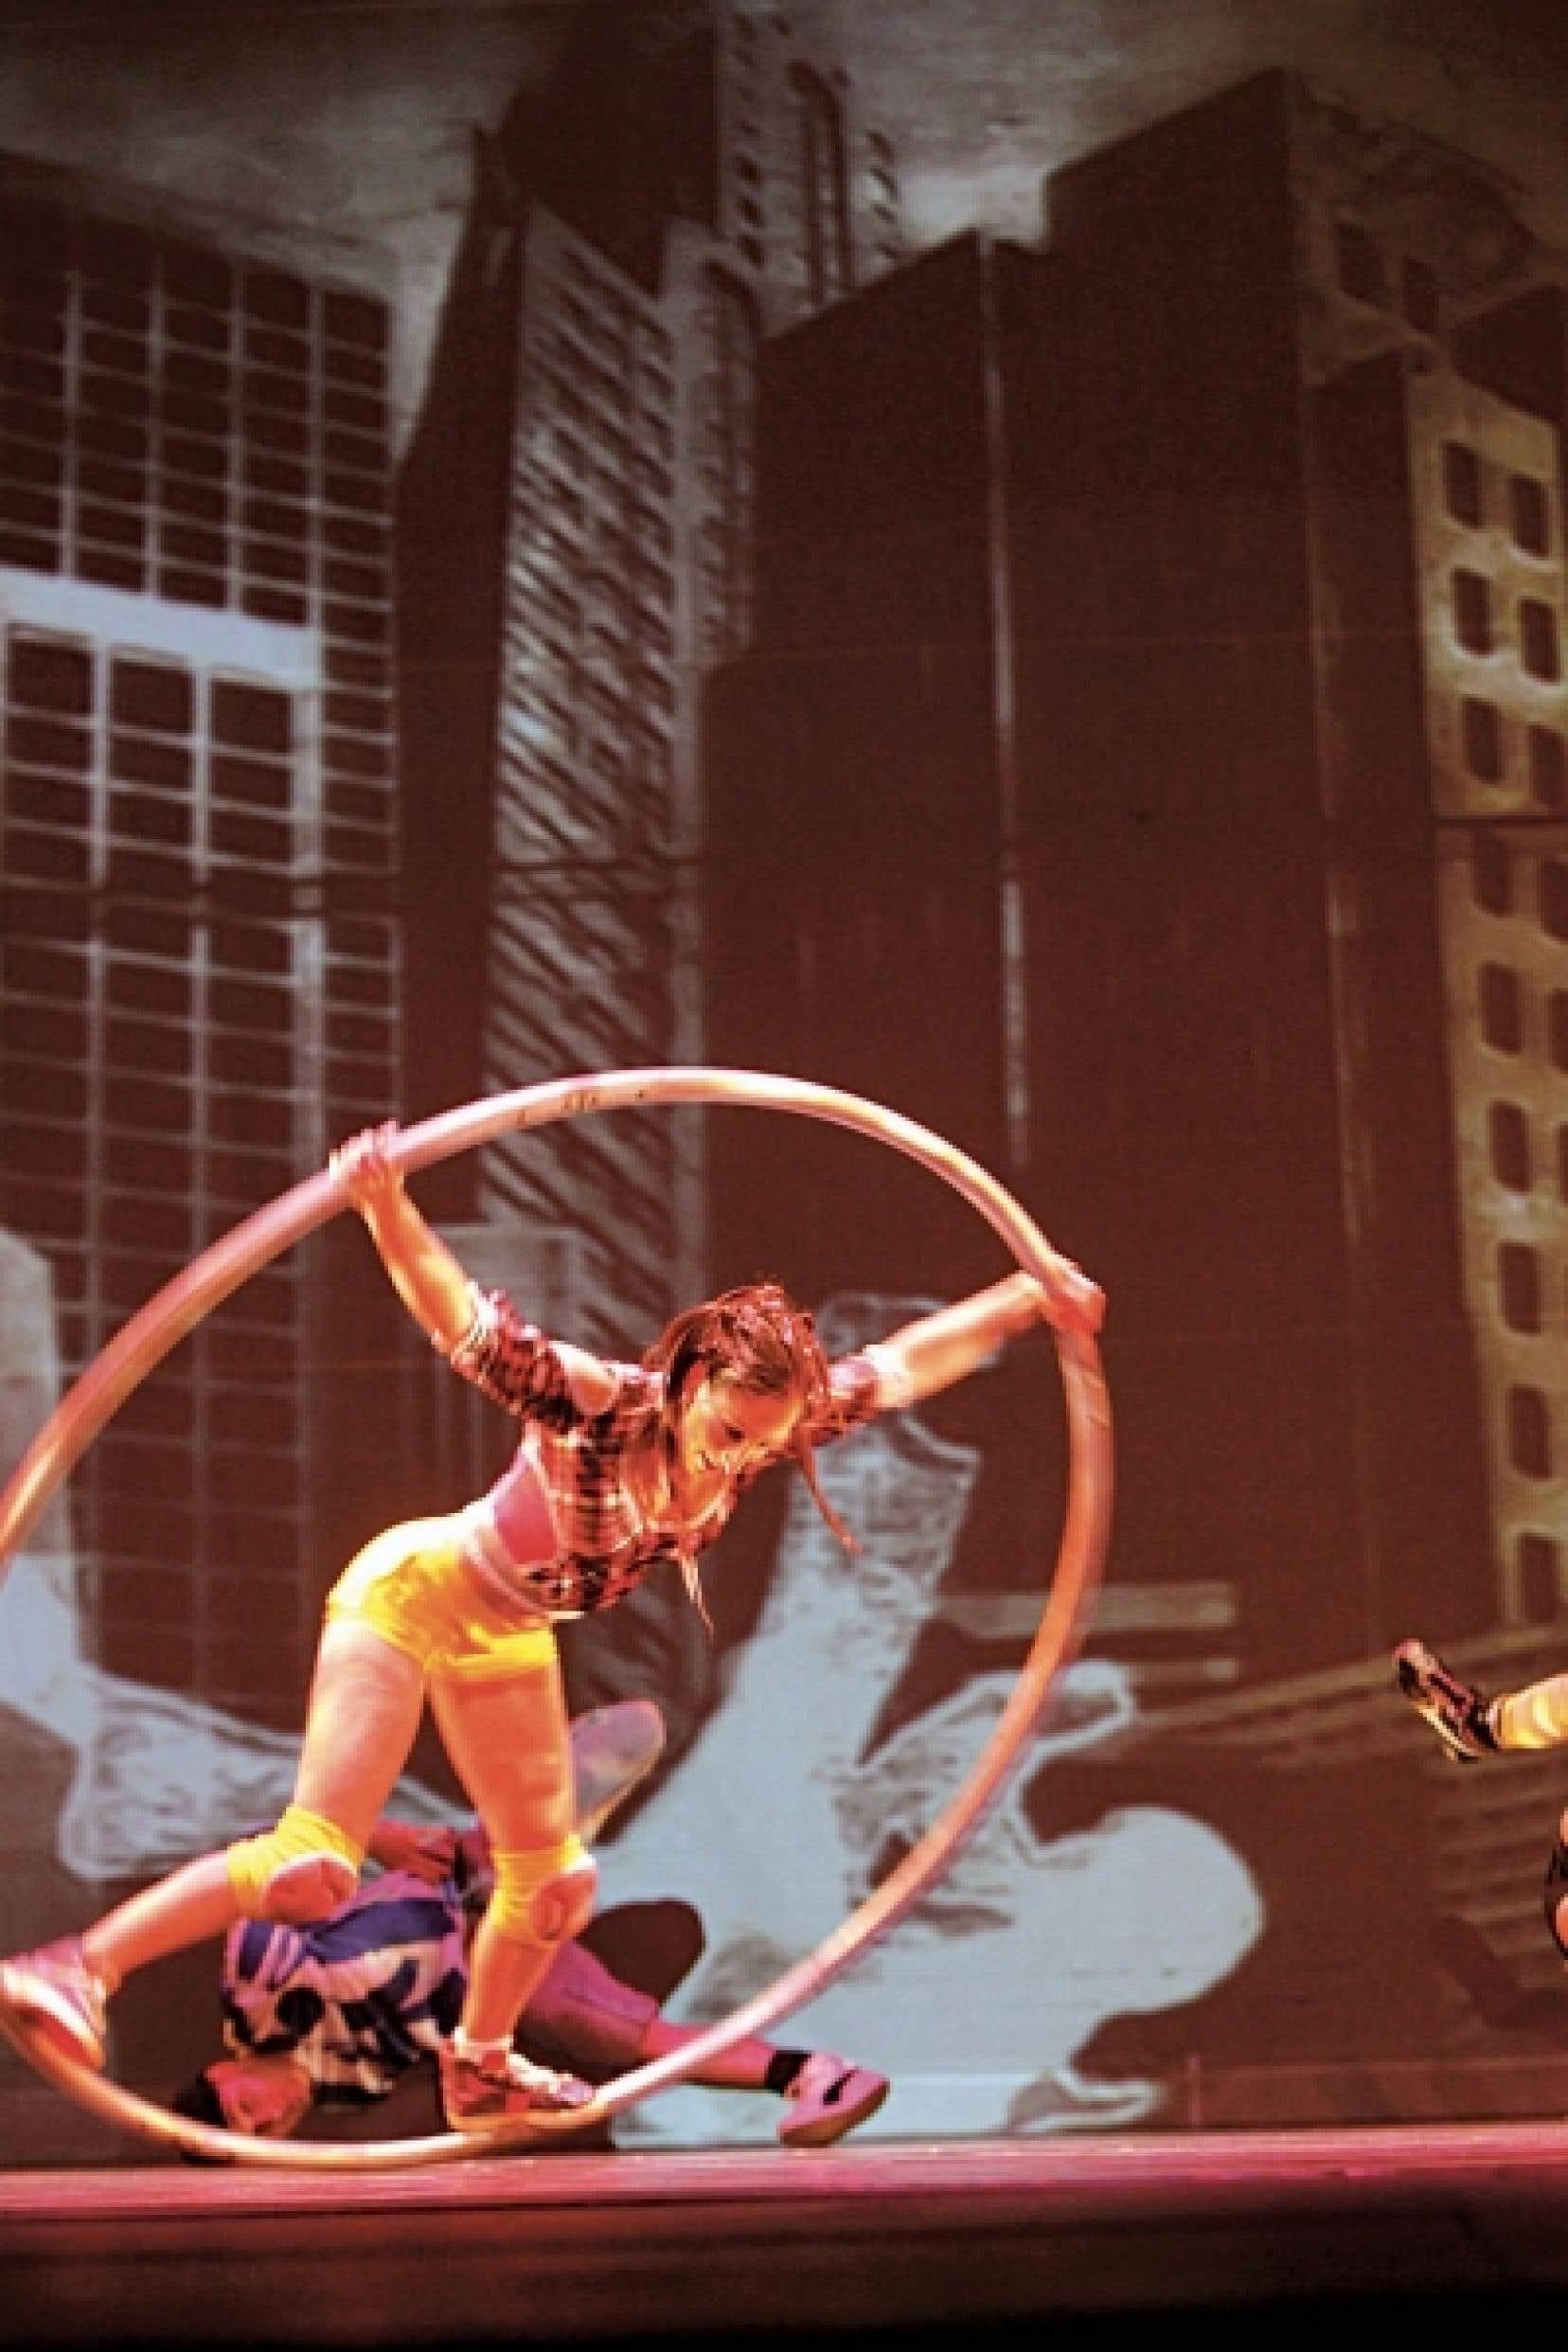 Montréal complètement cirque prendra son envol le 8 juillet sur les quais du Vieux-Port avec la présentation sous chapiteau d'ID, la toute dernière création du Cirque Éloize